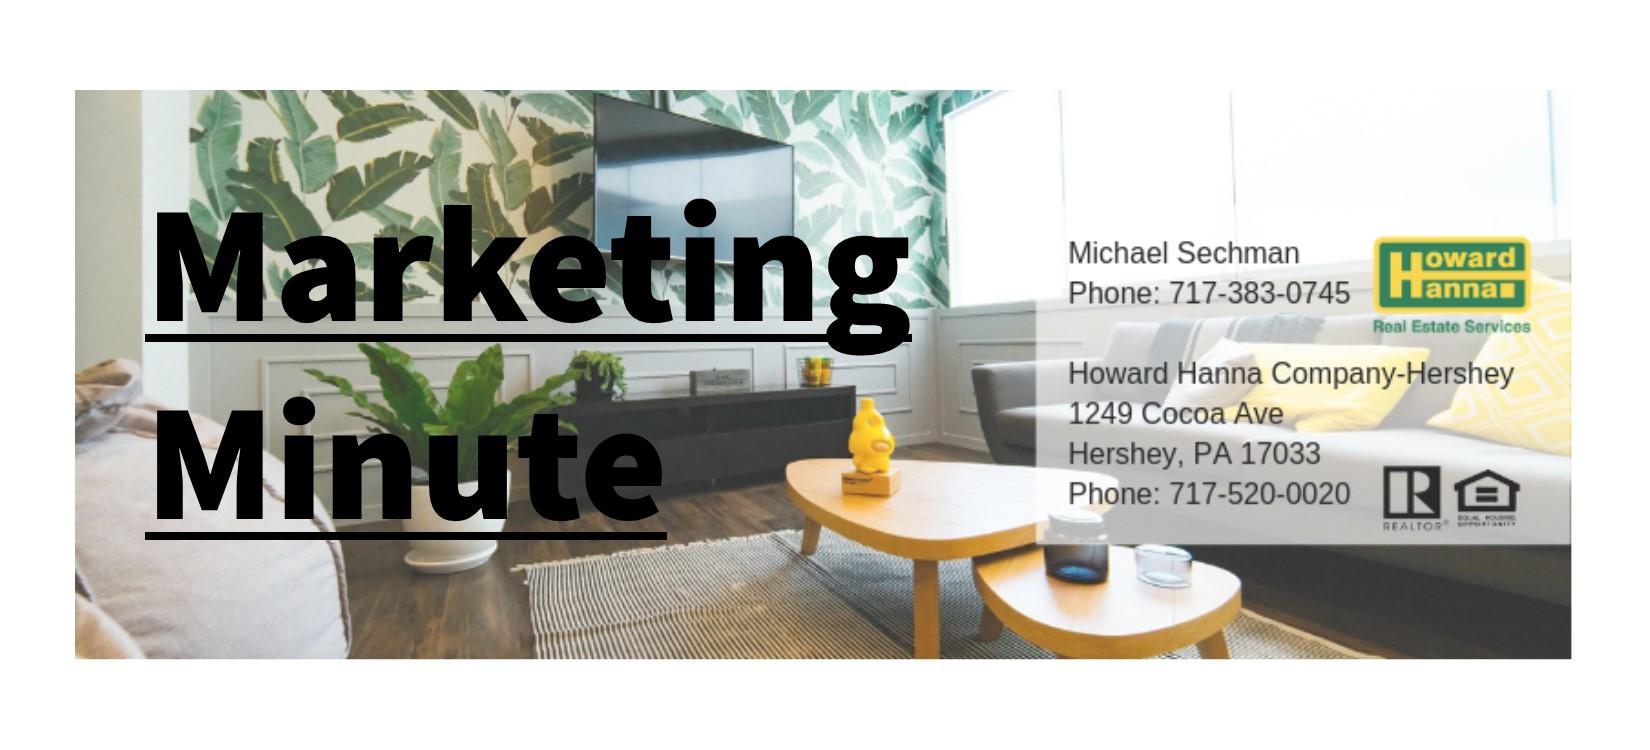 Marketing Minute - Sunday Showcase Of Homes